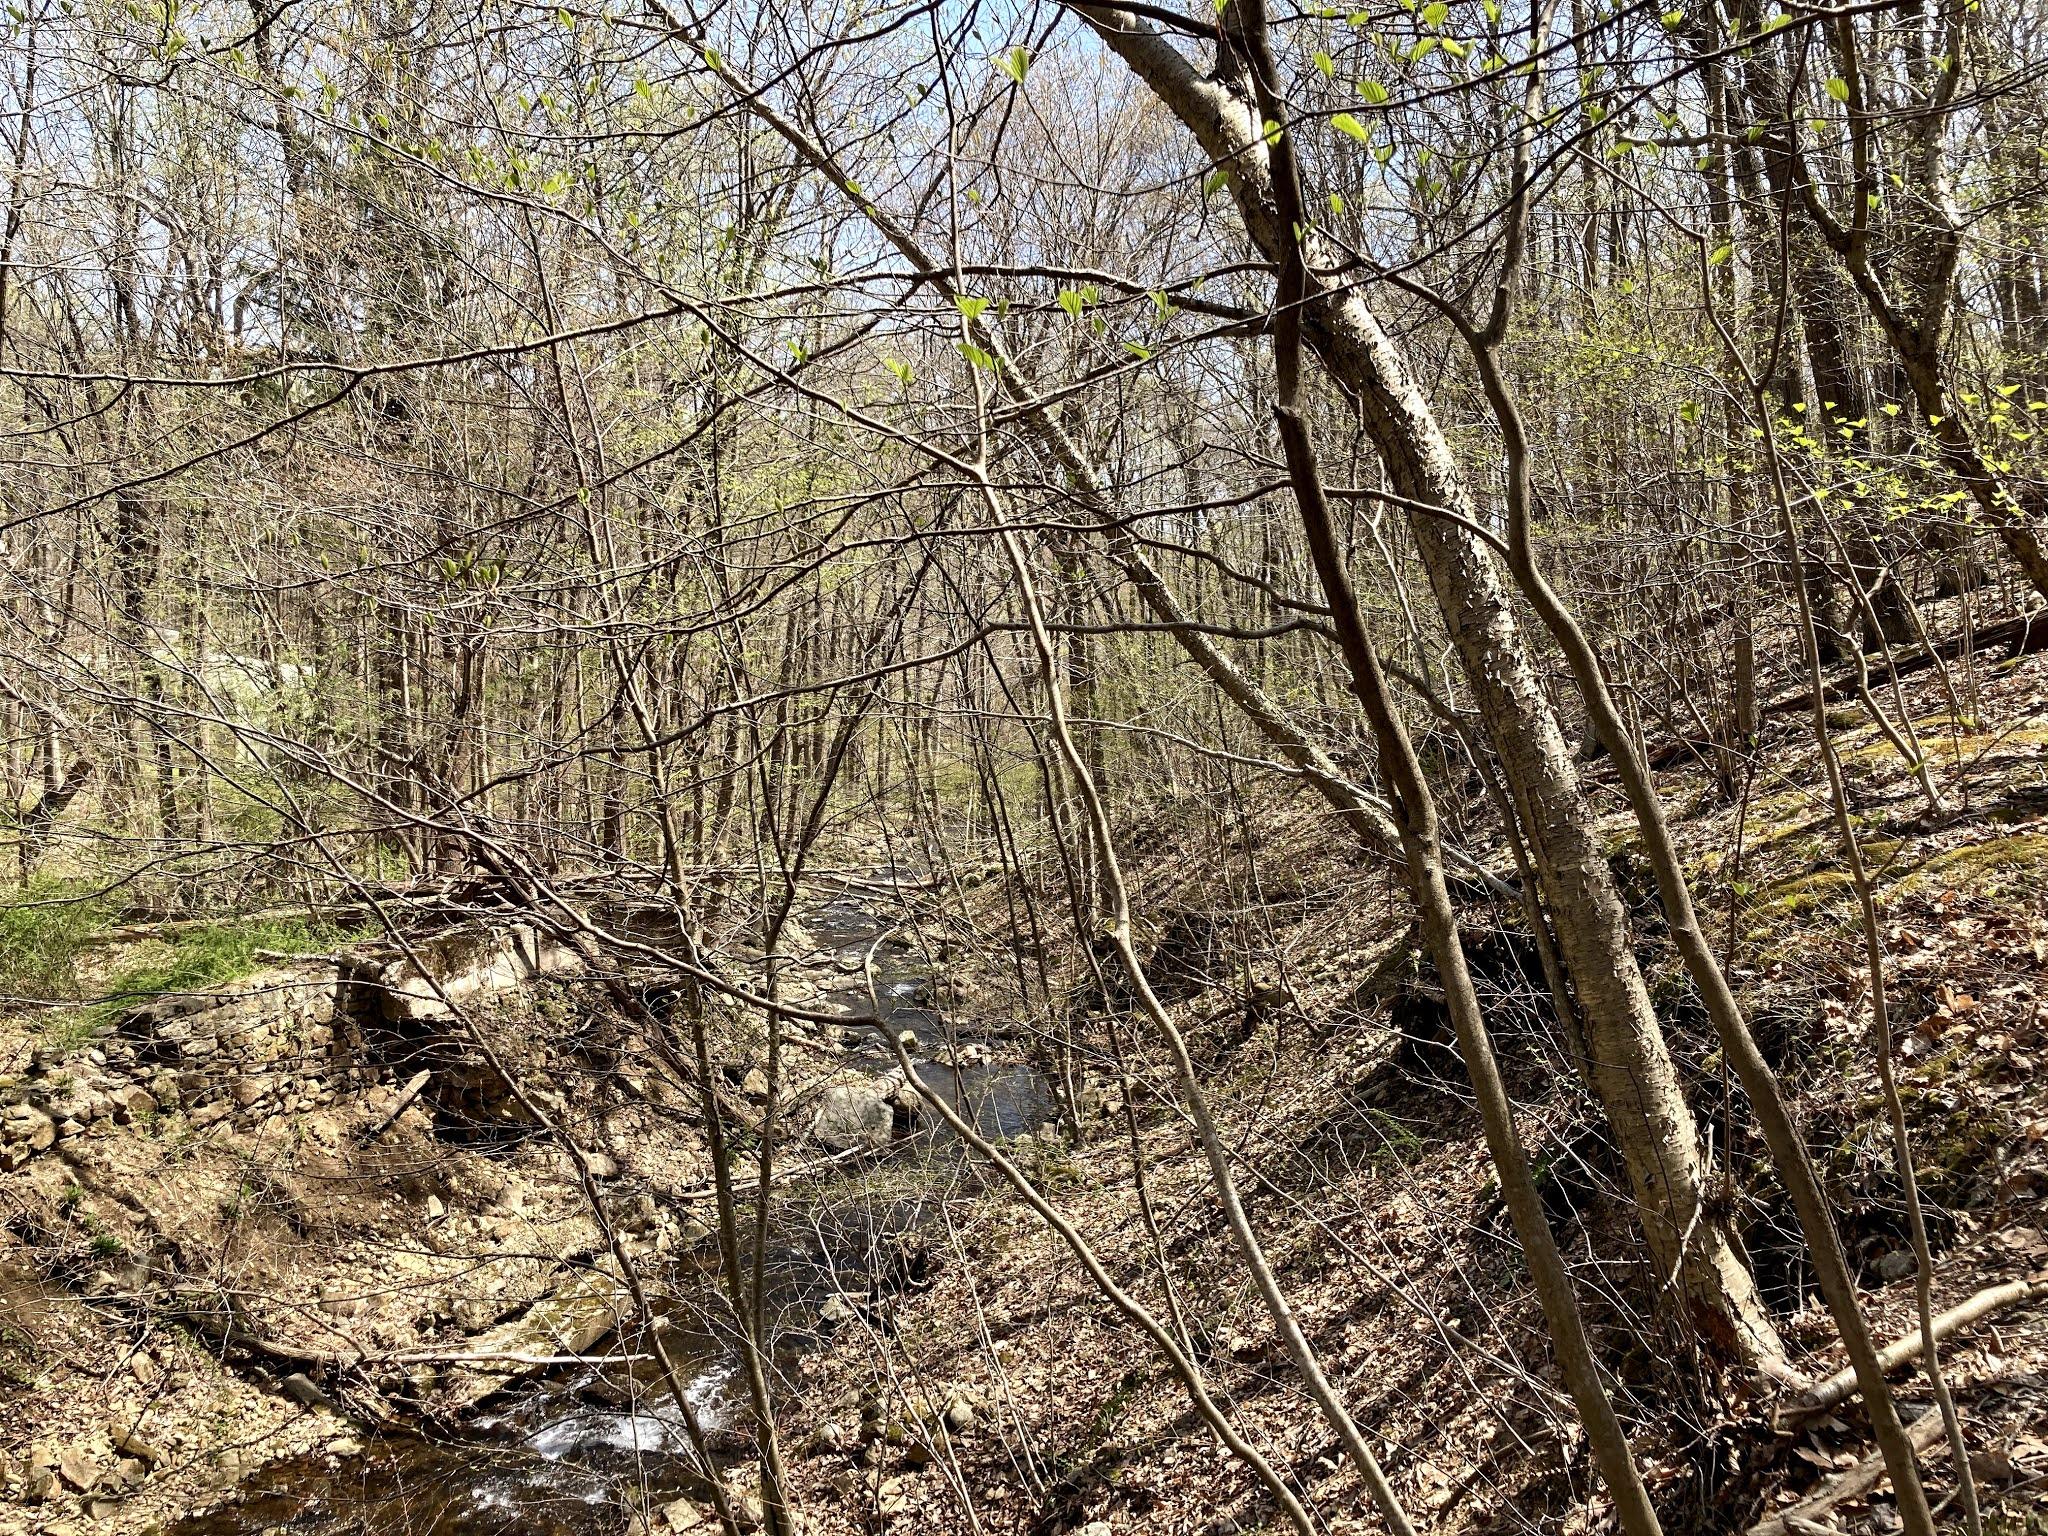 Brass Castle Creek, Roaring Rock Park, Washington Twsp, Warren County